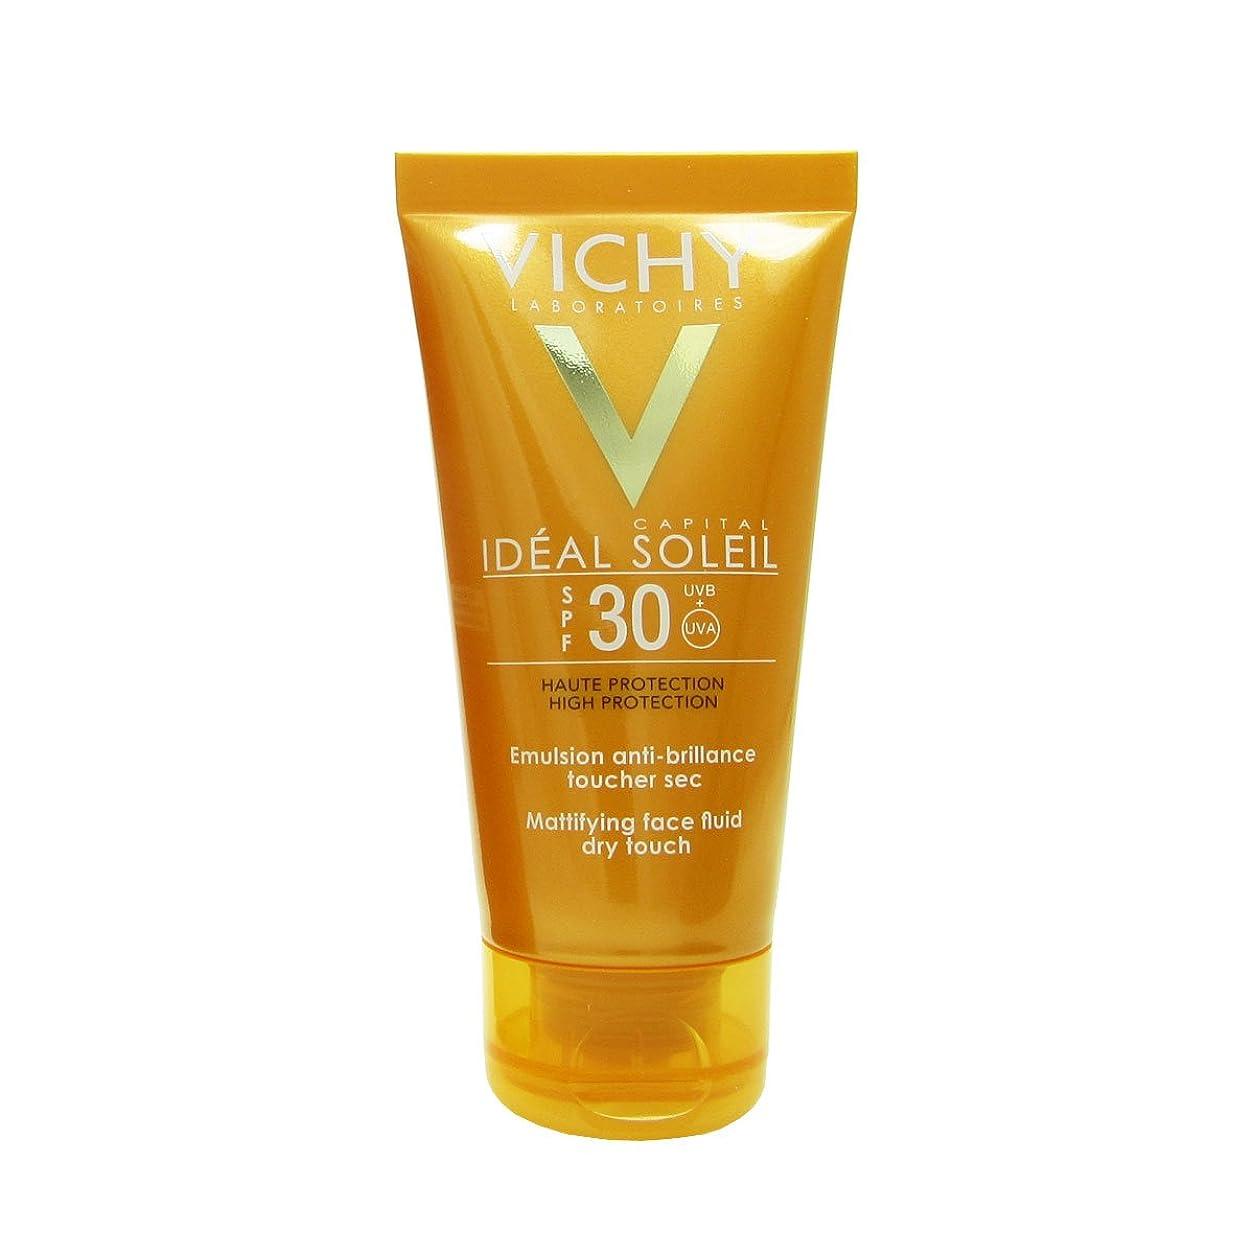 診断する出会い現像Vichy Capital Soleil Ideal Soleil Spf30 Dry Touch Fluid 50ml [並行輸入品]